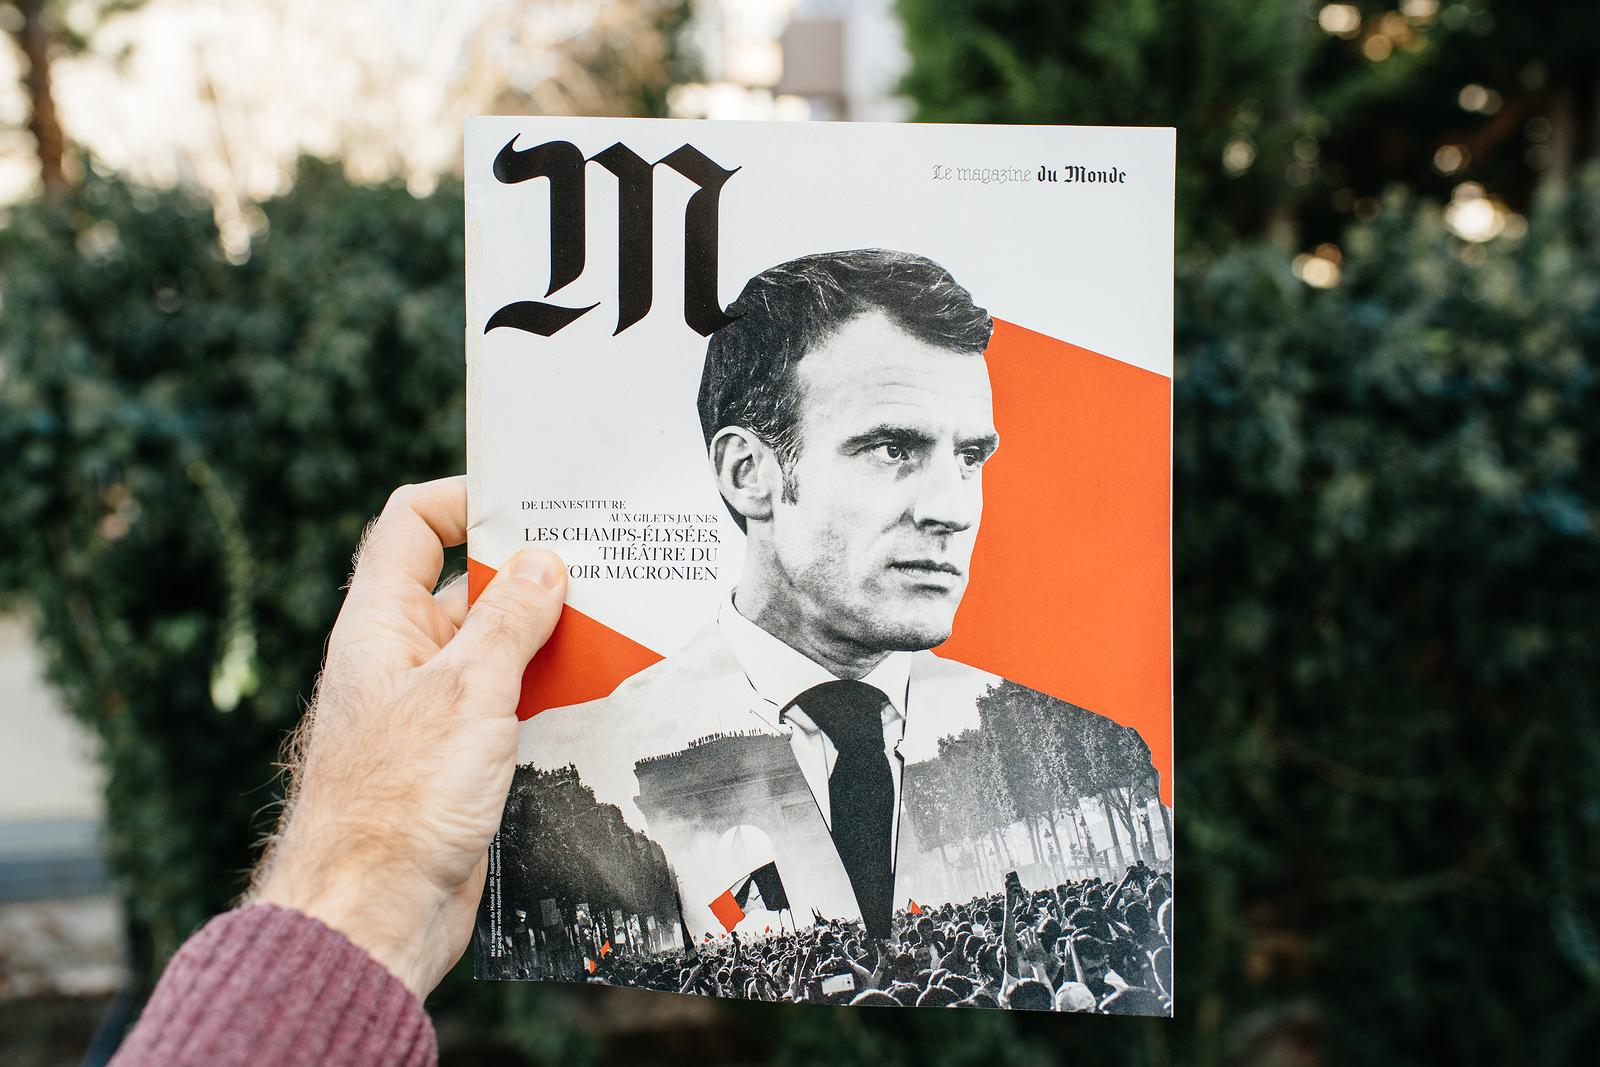 Euroopa Liidust on saanud sõnavabaduse ja demokraatia vaenlane